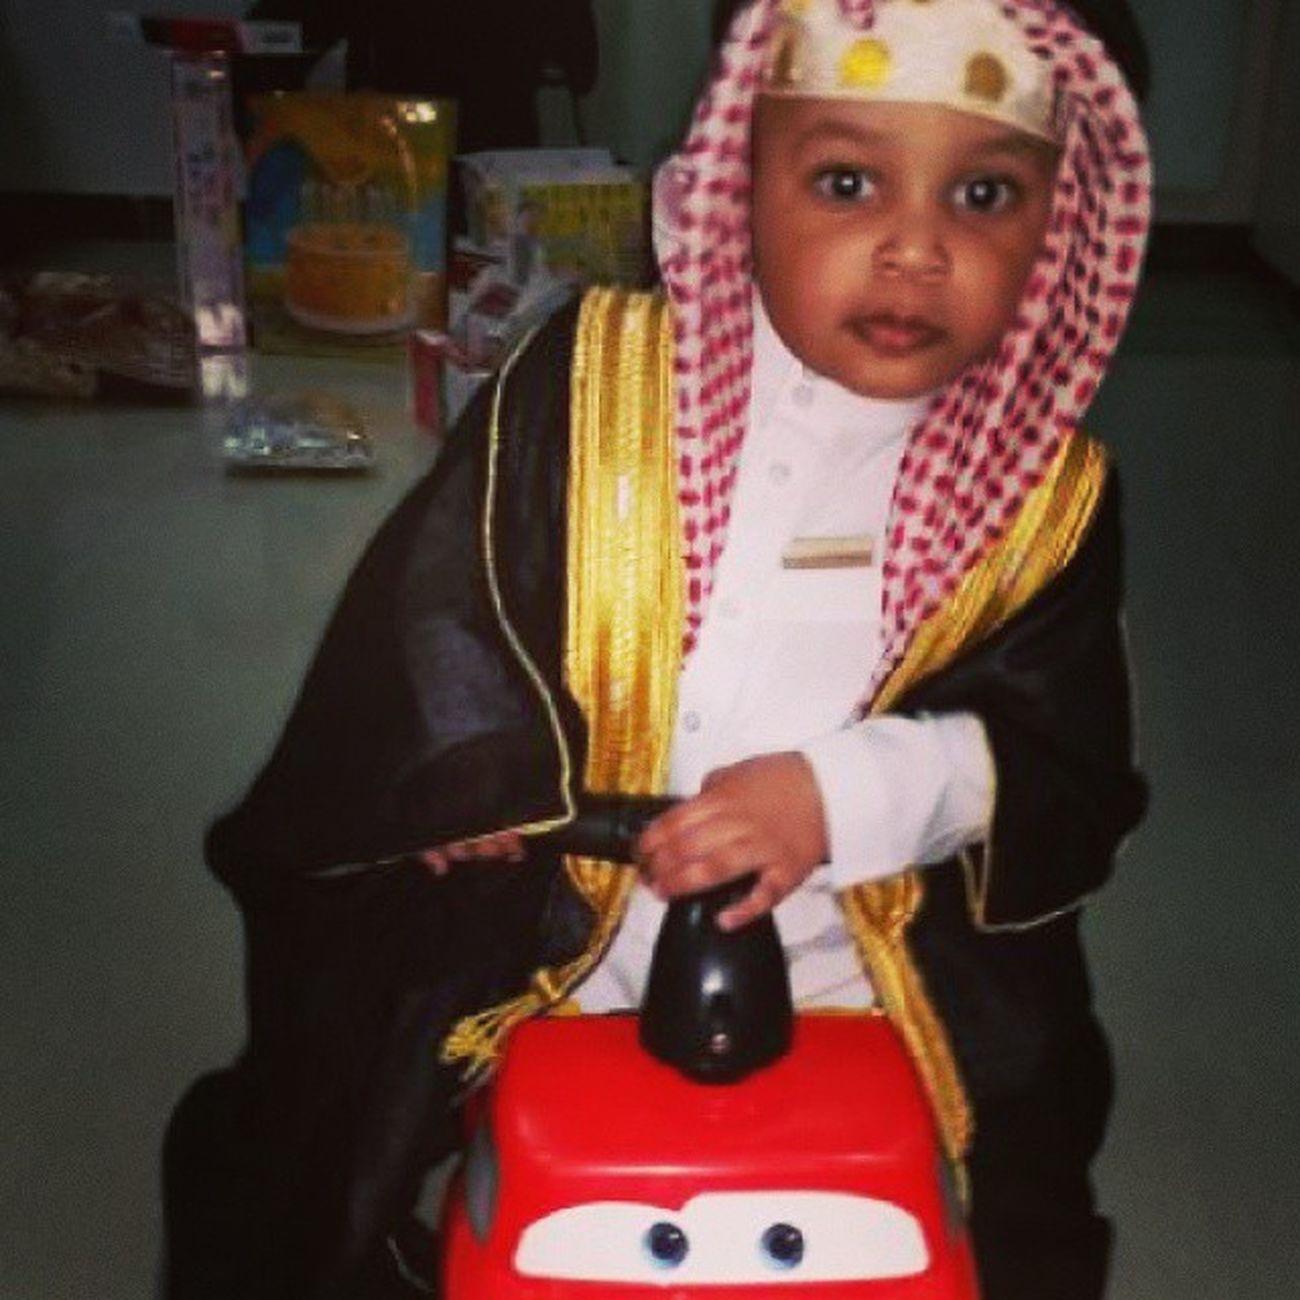 رسميات سيارات فراري الملوك وهابي_الجميل??